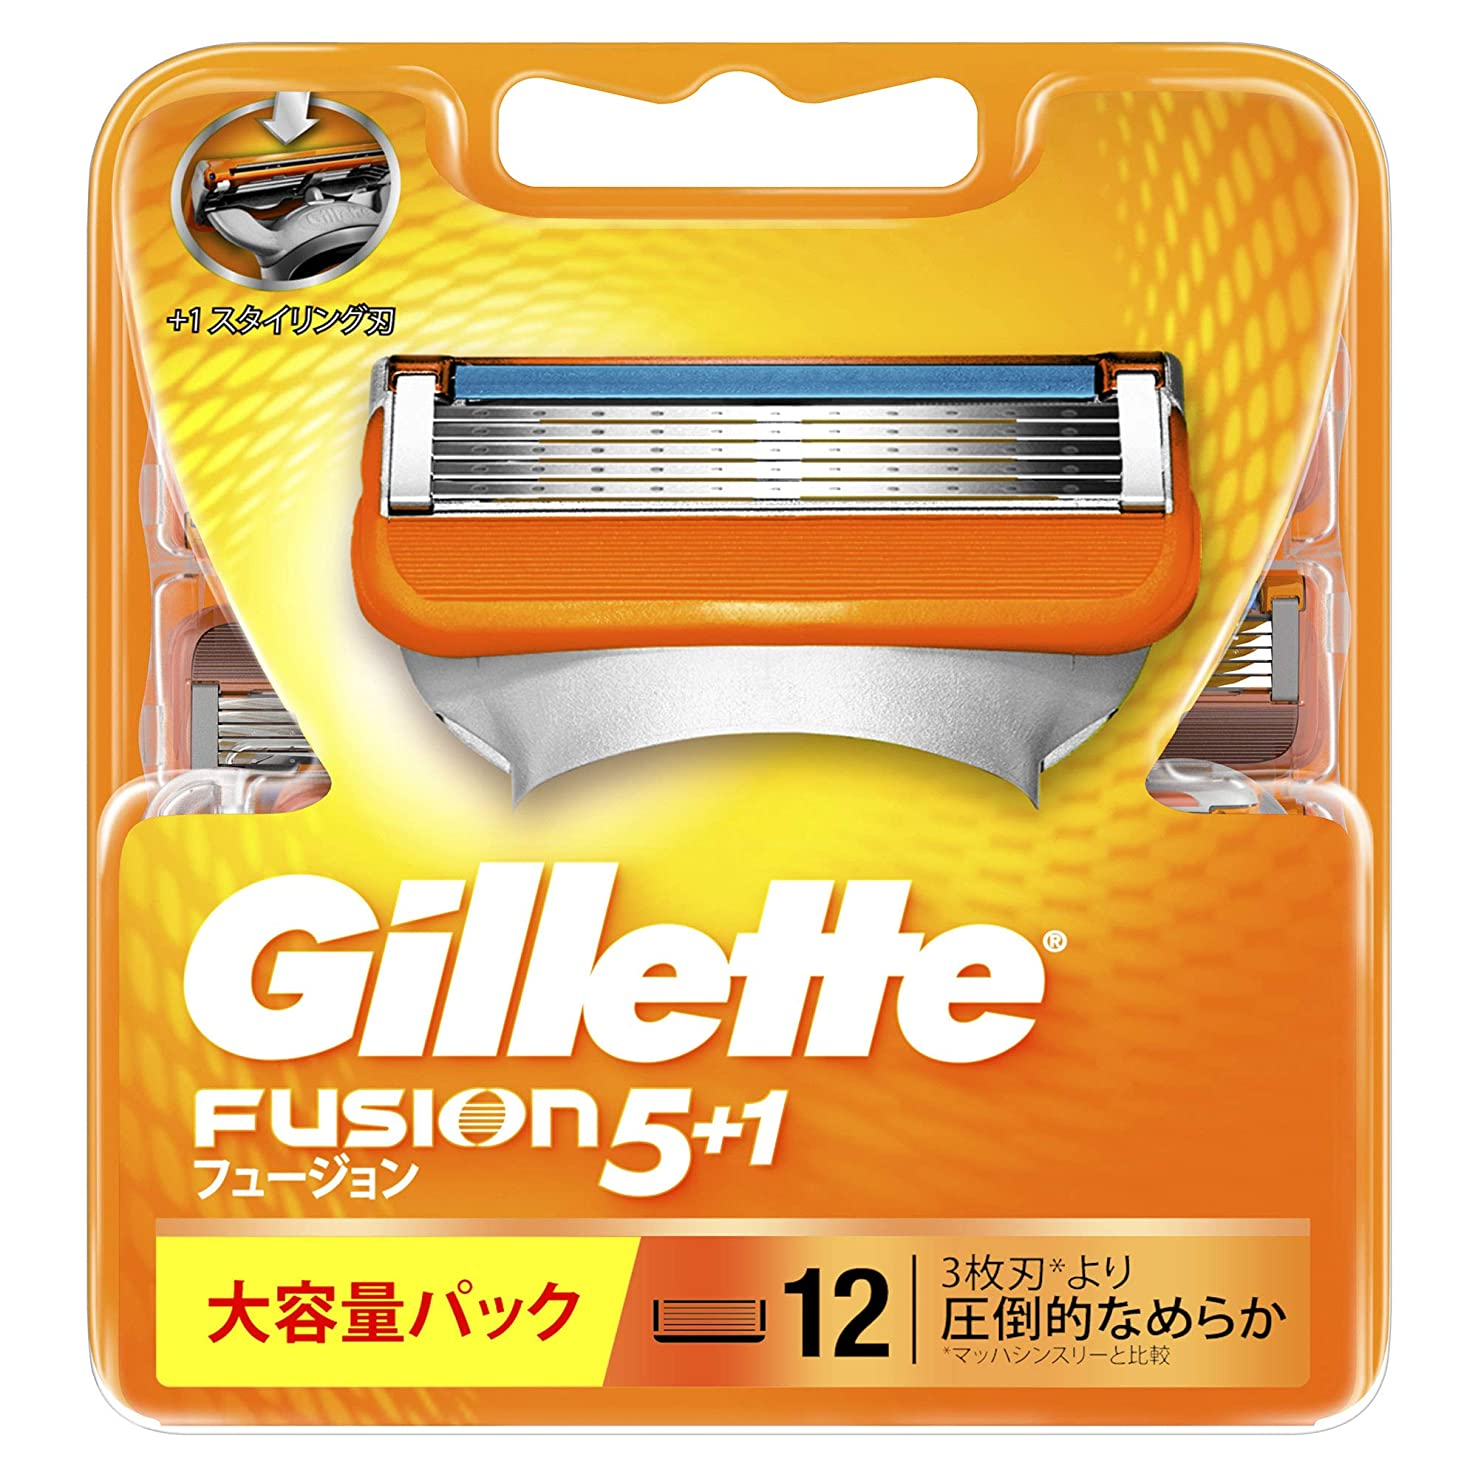 ジーンズ書くパラシュートジレット フュージョン5+1 マニュアル 髭剃り 替刃 12コ入